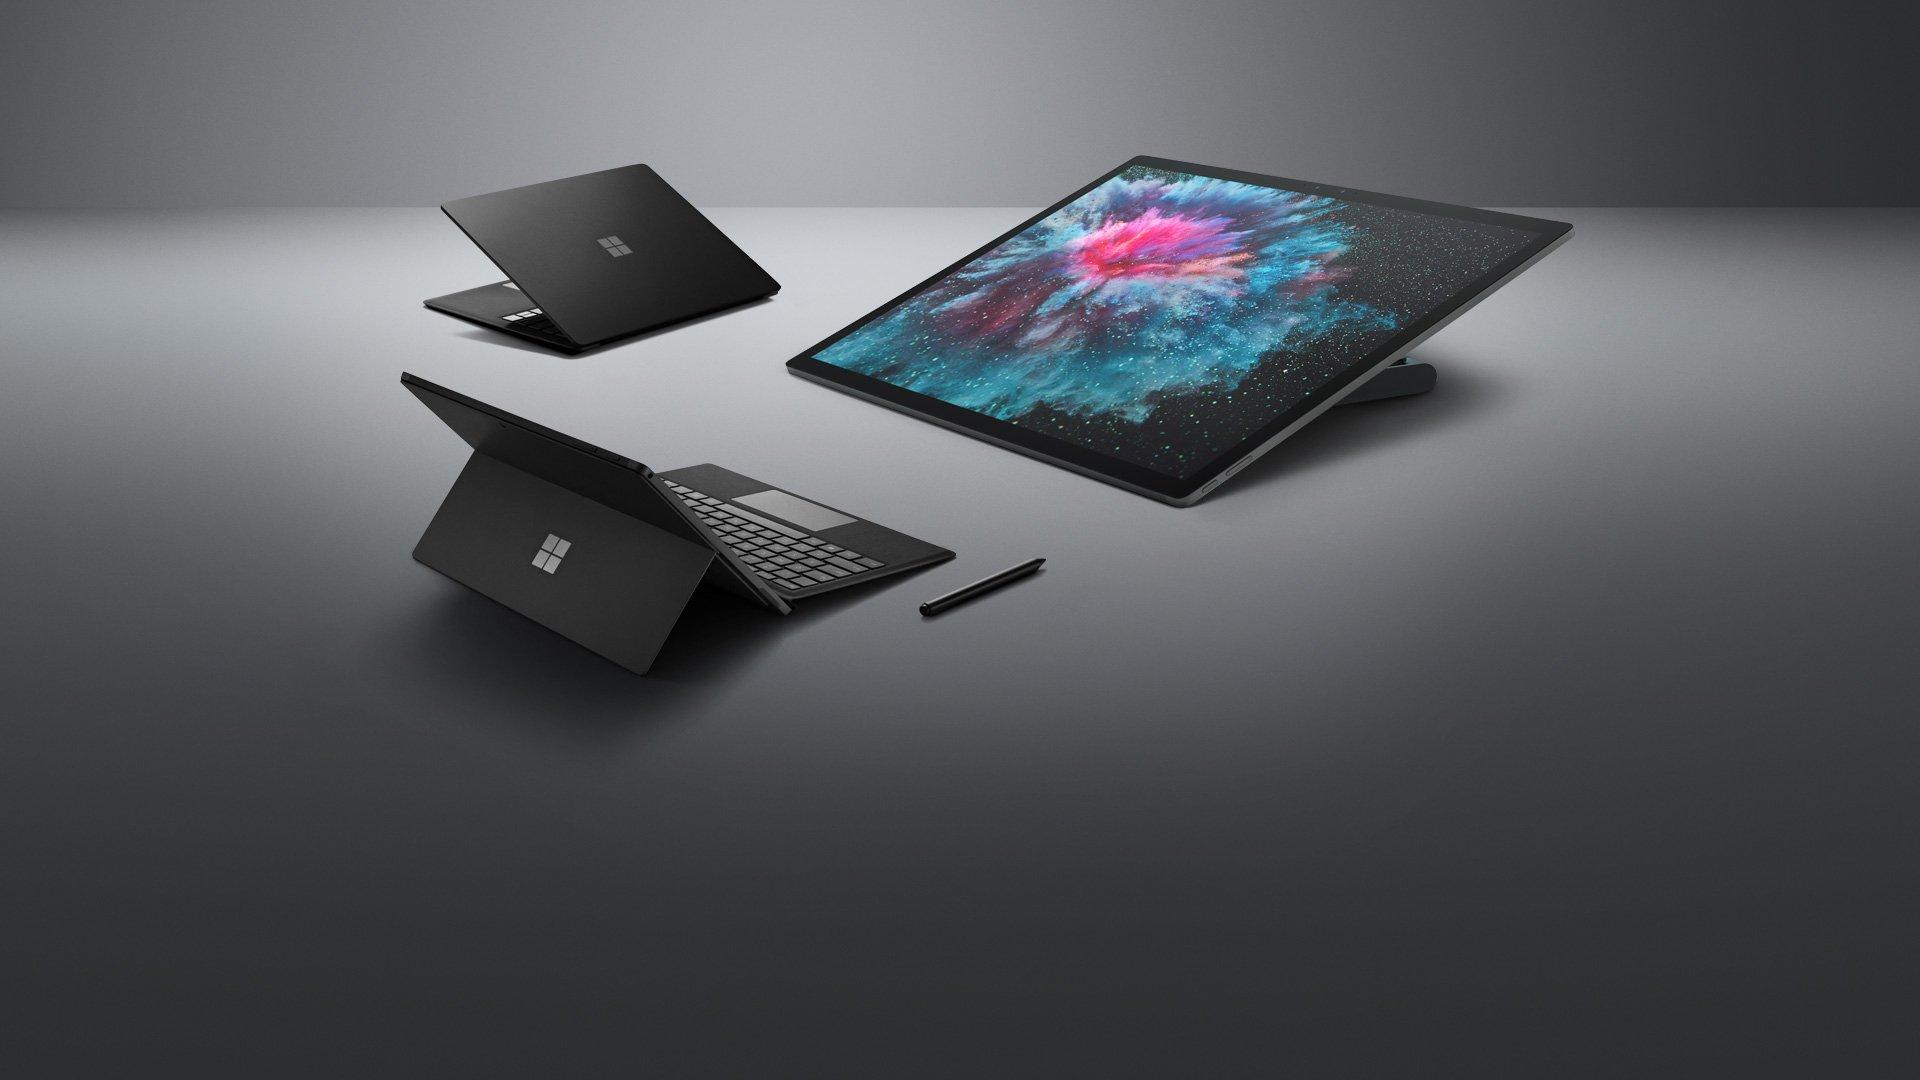 Dette er trolig Microsofts nye Surface-maskiner - Her følger du Surface-avsløringene i kveld 22:00